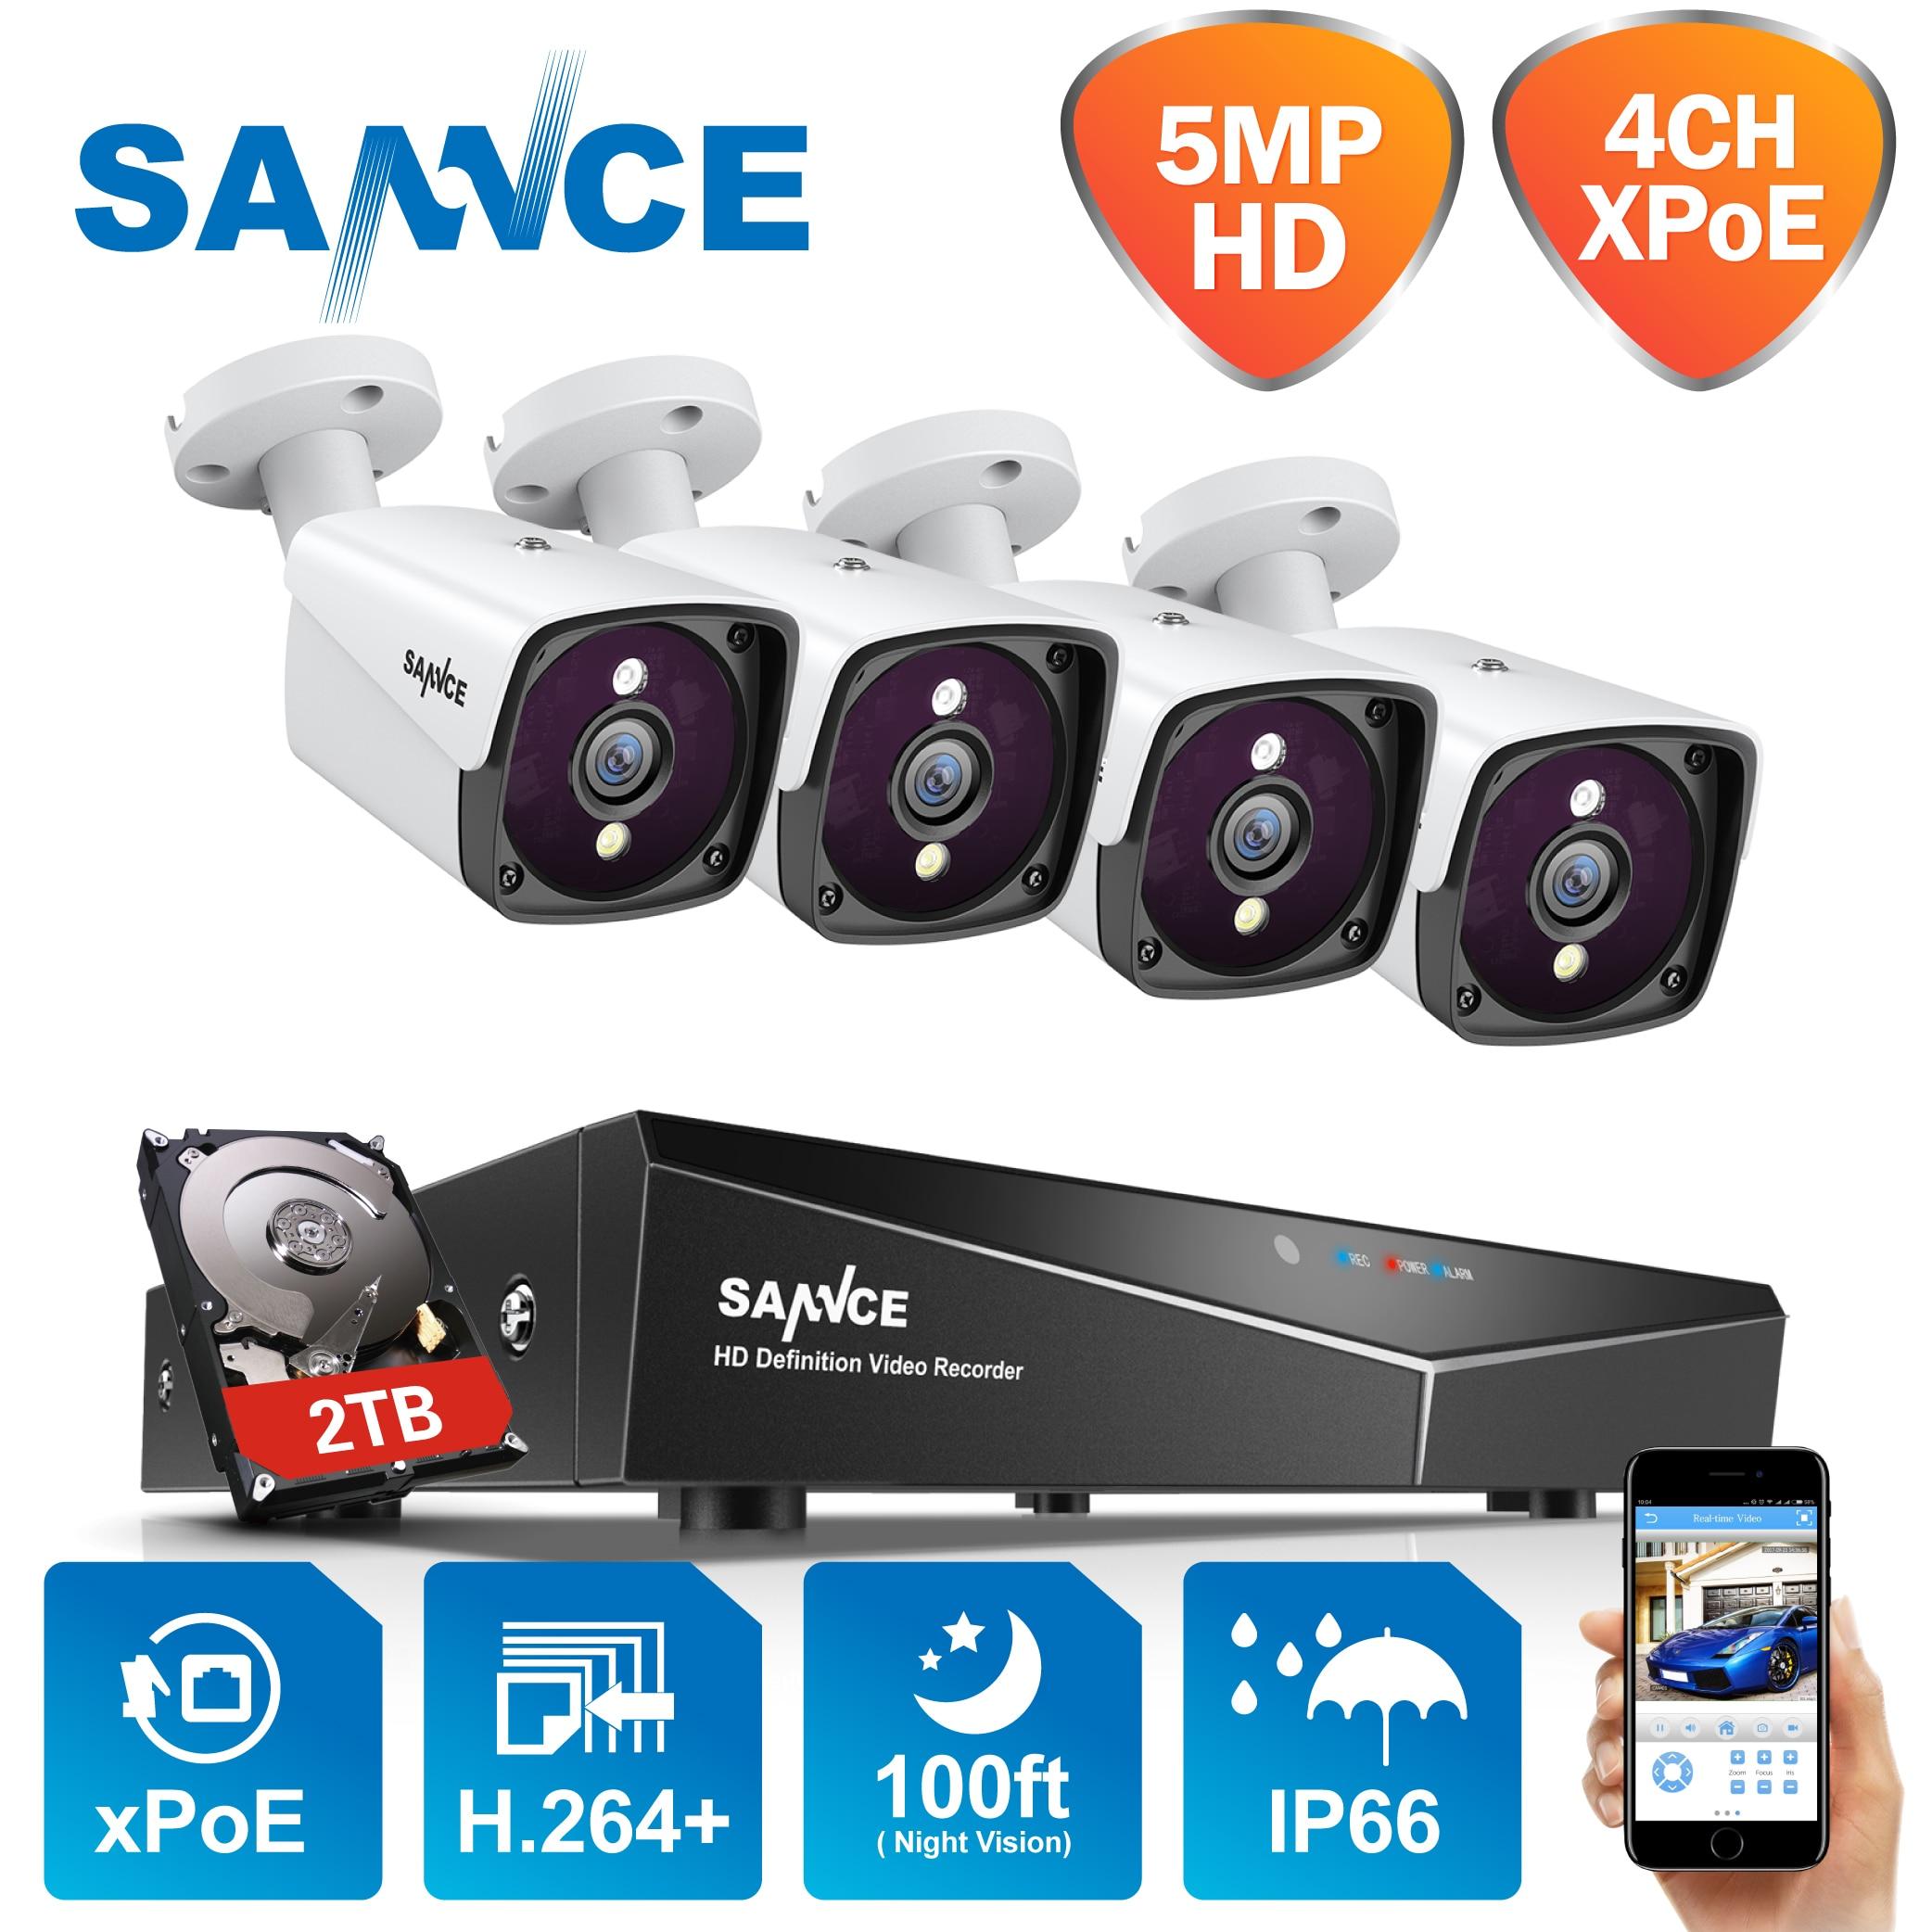 Sannce 4ch 5mp xpoe sistema de segurança vídeo h.264 + nvr com 5mp 100ft visão noturna ip ao ar livre à prova dh.2água cctv câmera|Sistema de vigilância| |  - title=